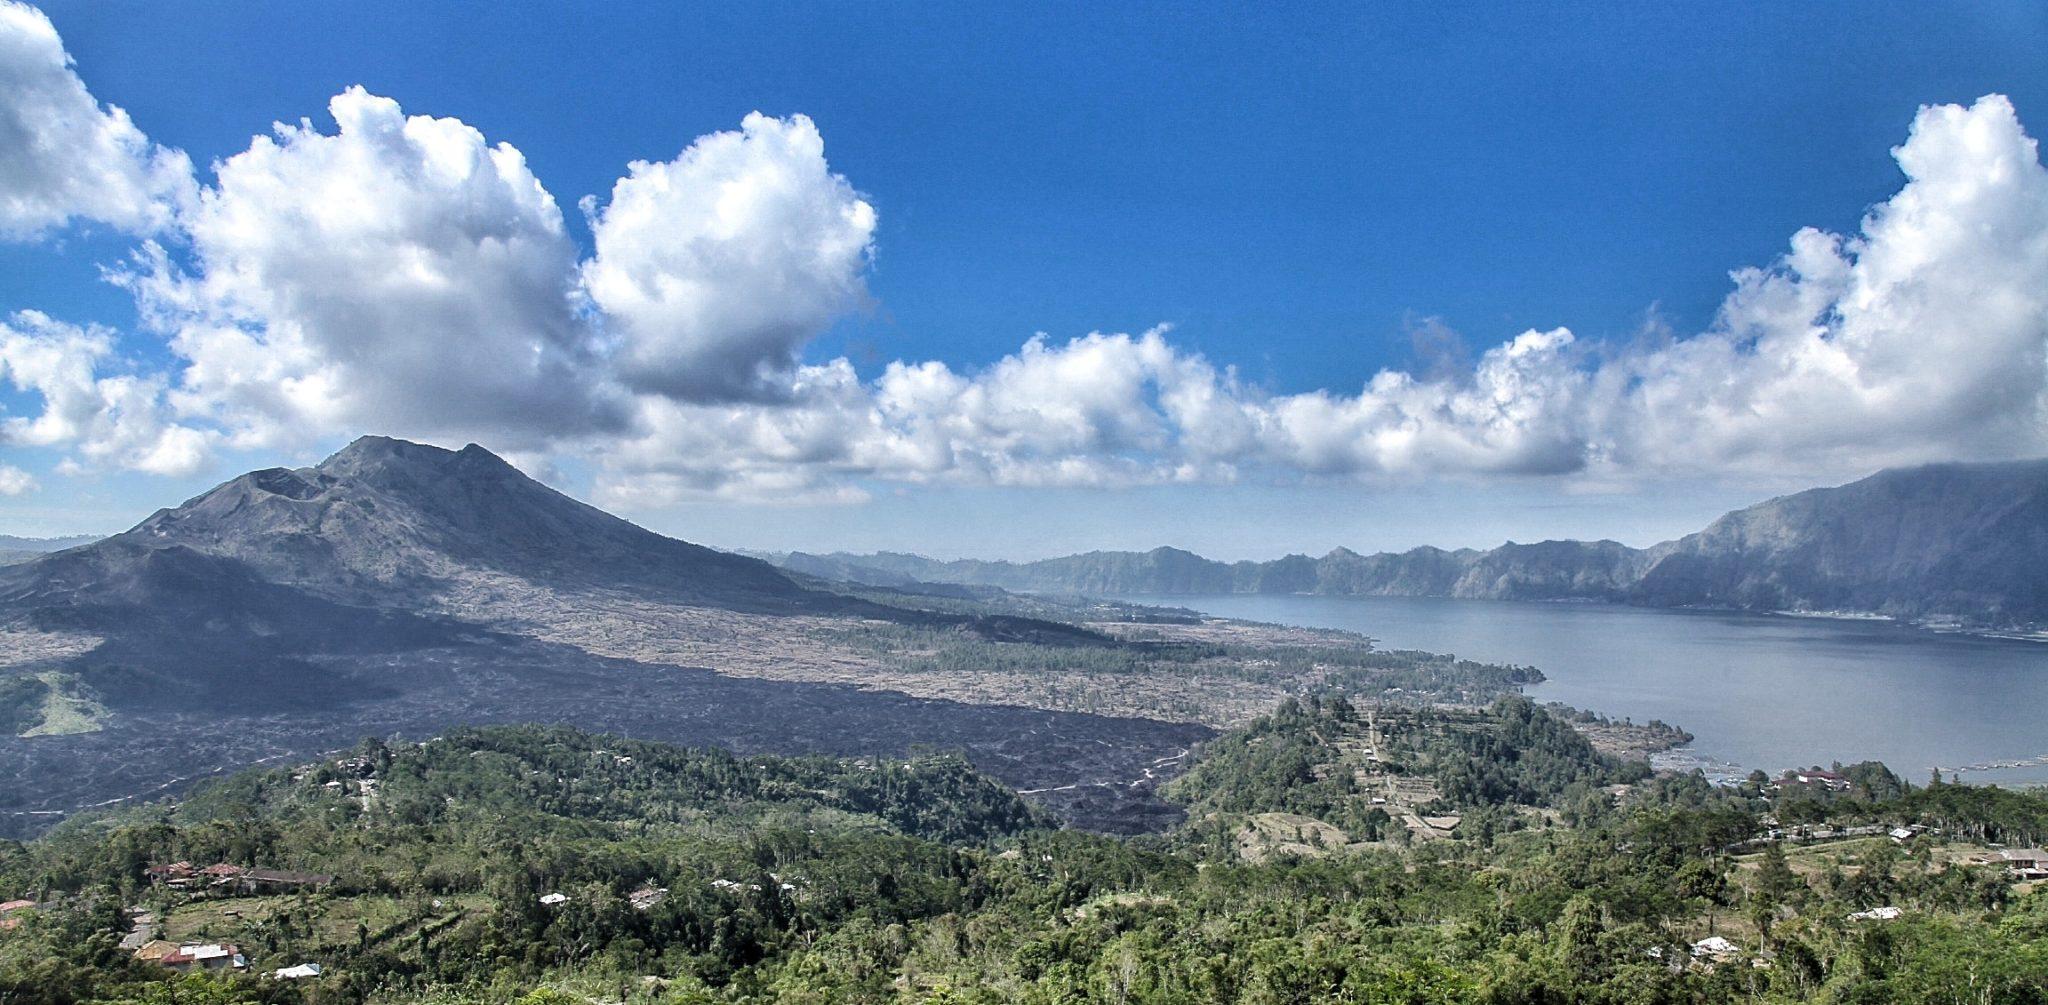 Kintamani felől csodálatos kilátás tárul elénk a Batur-hegyre és tóra.